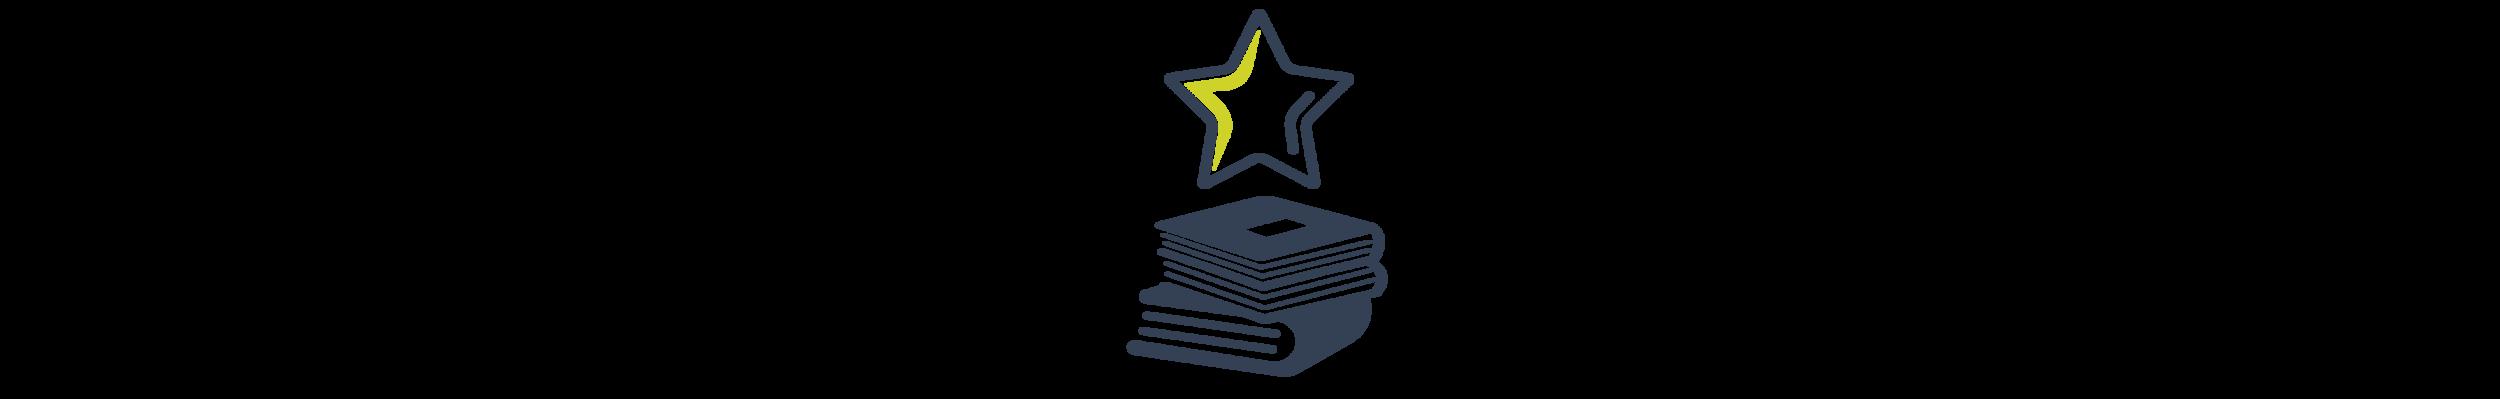 blog_literacy_leader-header-01.png